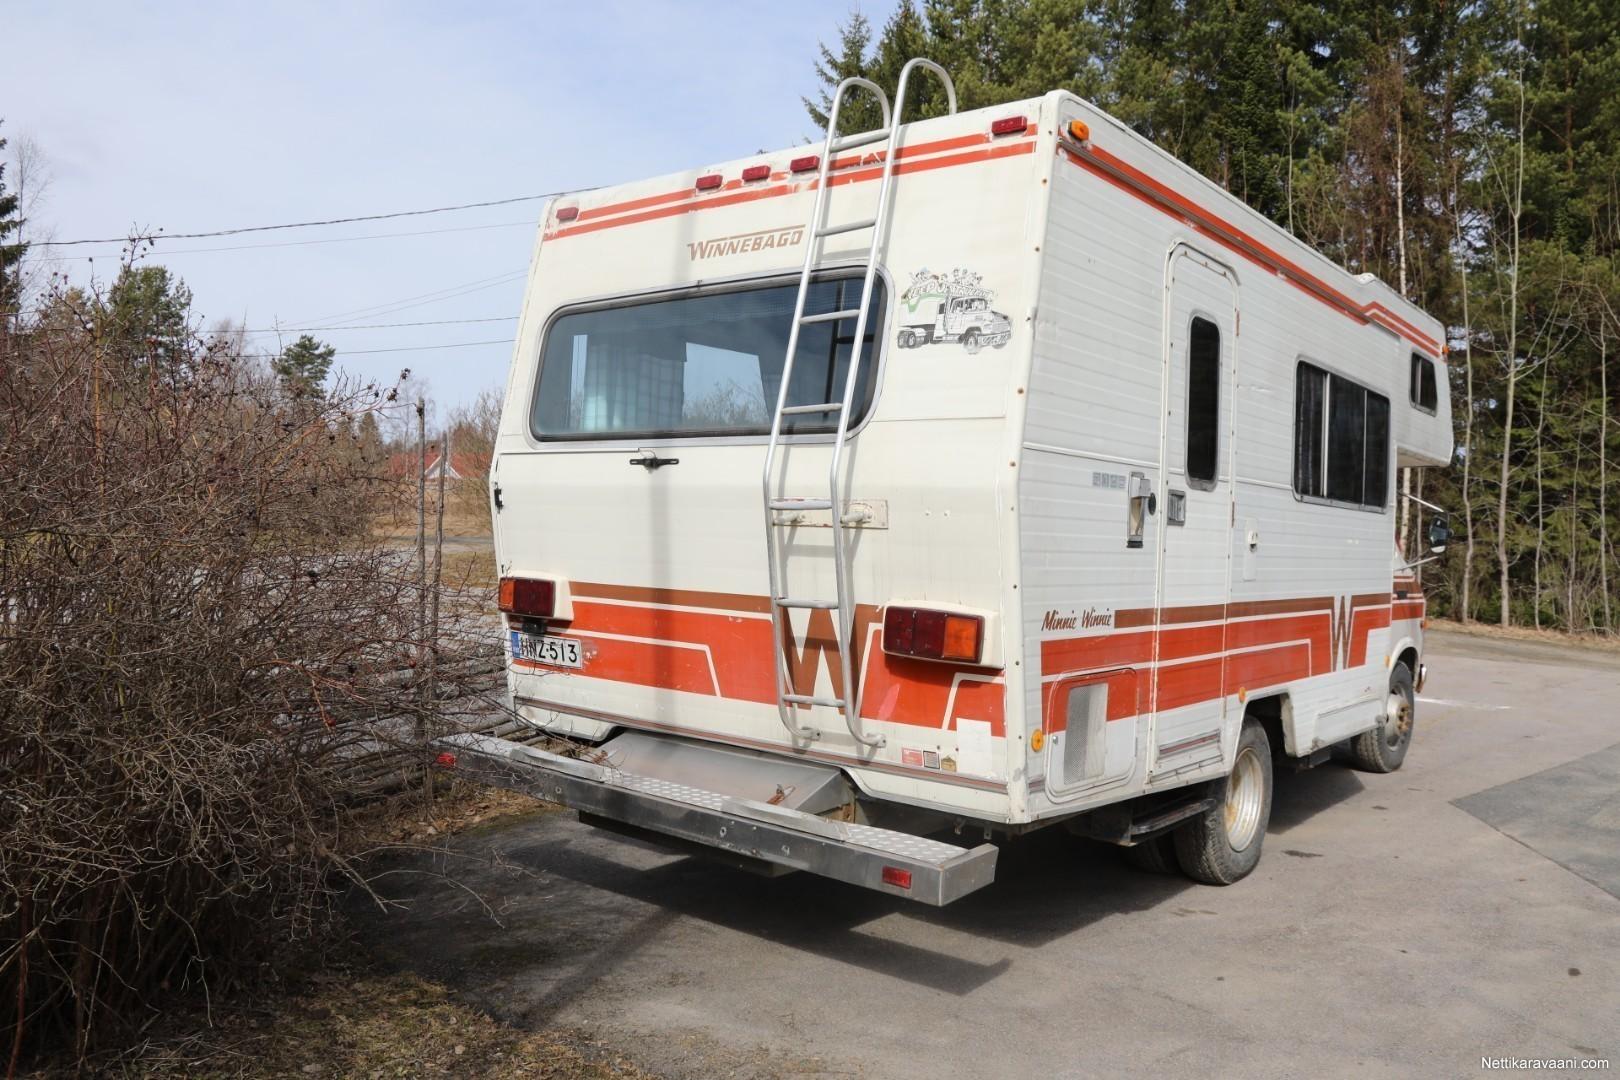 Winnebago Minnie Winnie Dodge 1980 Travel Truck Alcove 1949 Semi